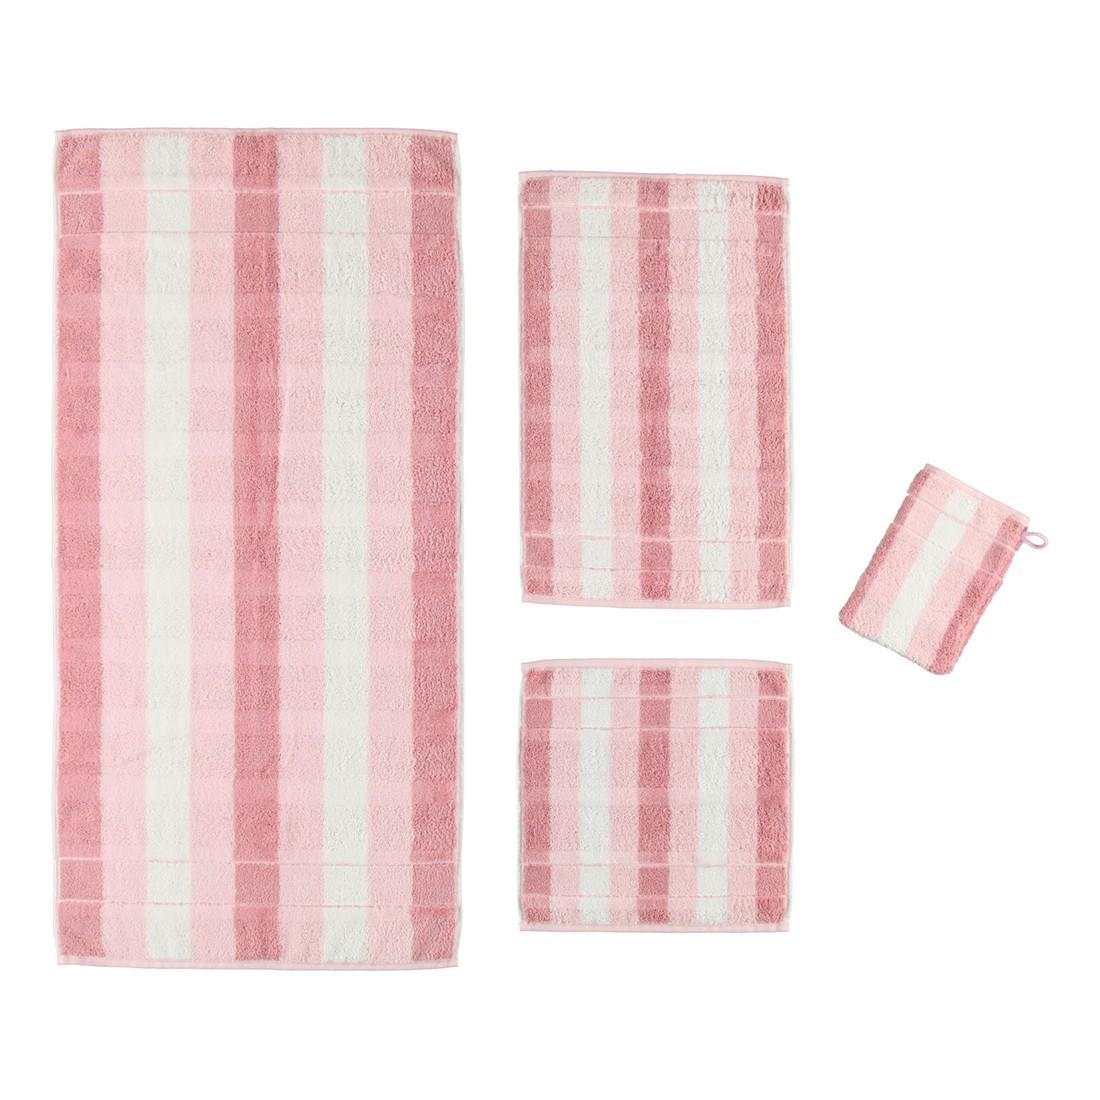 Handtuch Noblesse2 Blockstreifen – 100% Baumwolle Rosé – 26 – Gästetuch: 30 x 50 cm, Cawö günstig kaufen